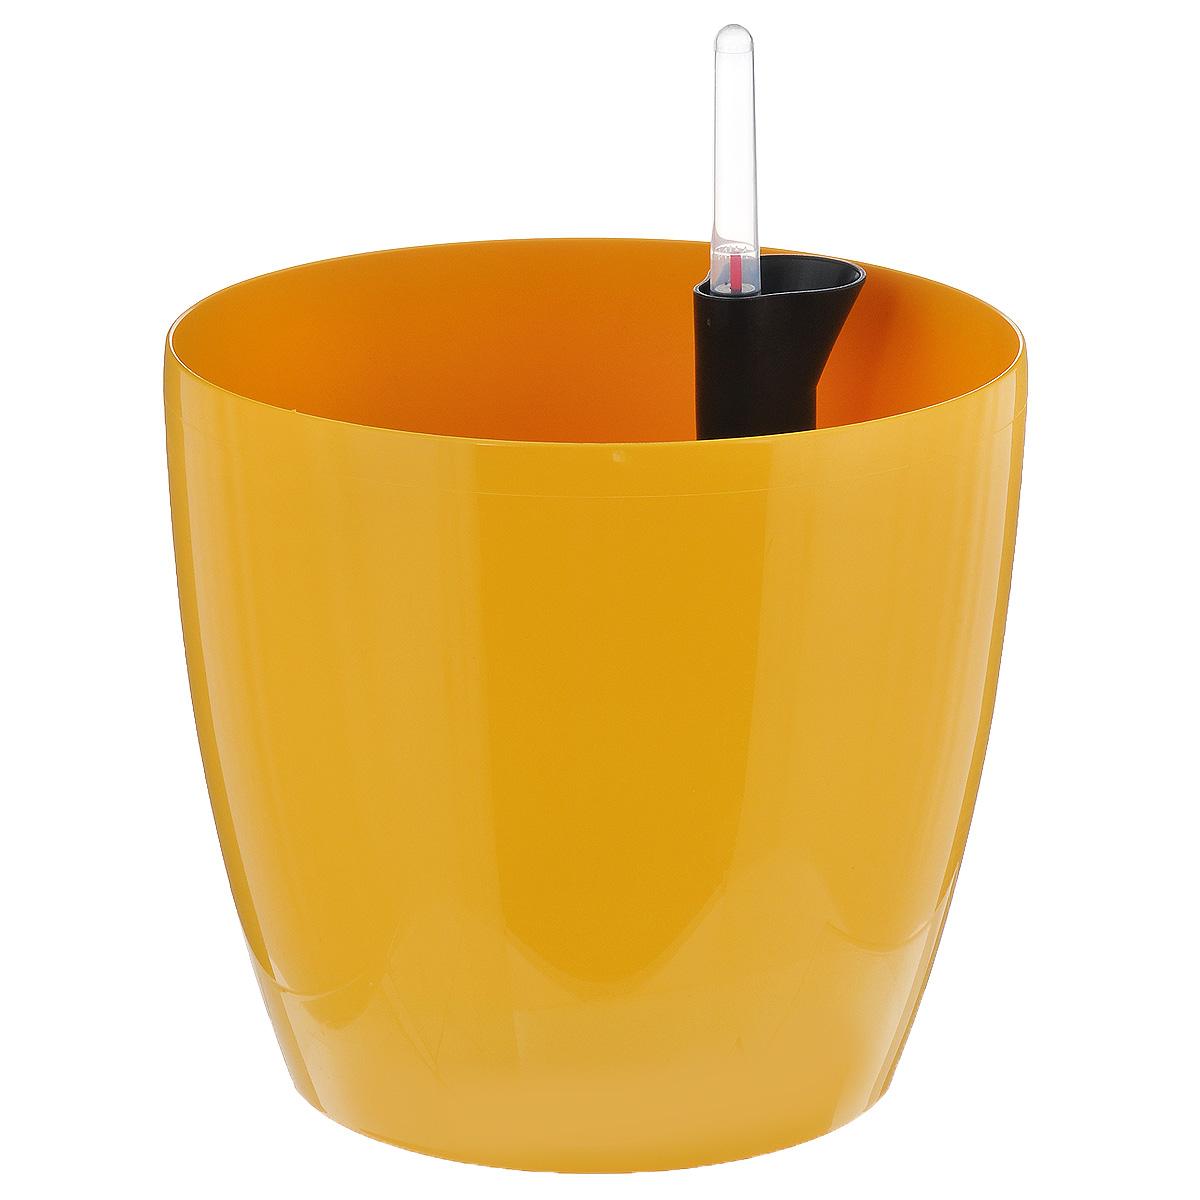 Кашпо Prosperplast Coubi, с системой автополива, цвет: желтый, диаметр 19 смDUO190-B_желтыйКашпо Prosperplast Coubi, изготовленное из высококачественного пластика, идеальное решение для тех, кто регулярно забывает поливать комнатные растения. Кашпо имеет уникальную систему автополива, благодаря которой корневая система растения непрерывно снабжается влагой из резервуара. Уровень воды в резервуаре контролируется с помощью специального индикатора. В зависимости от размера кашпо и растения воды хватает на 2-12 недель. Стильный дизайн позволит украсить растениями офис, кафе или любую комнату, и при этом система автополива будет увлажнять почву без вашего вмешательства. Кашпо Prosperplast Coubi с системой автополива упростит уход за вашими цветами и поможет растениям получать то количество влаги, которое им необходимо в данный момент времени. Диаметр: 19 см. Высота стенки: 17,5 см.